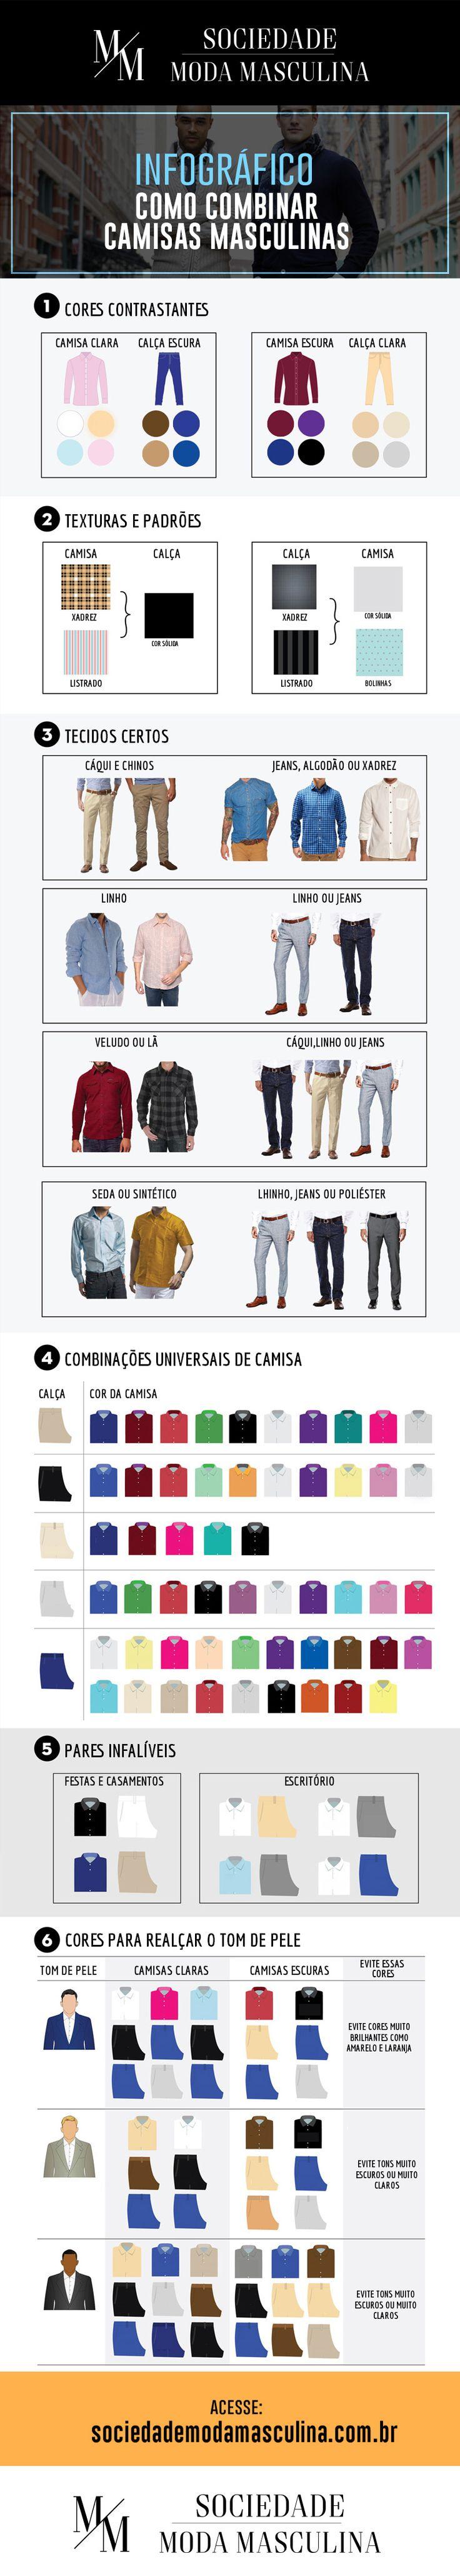 como combinar camisas masculinas